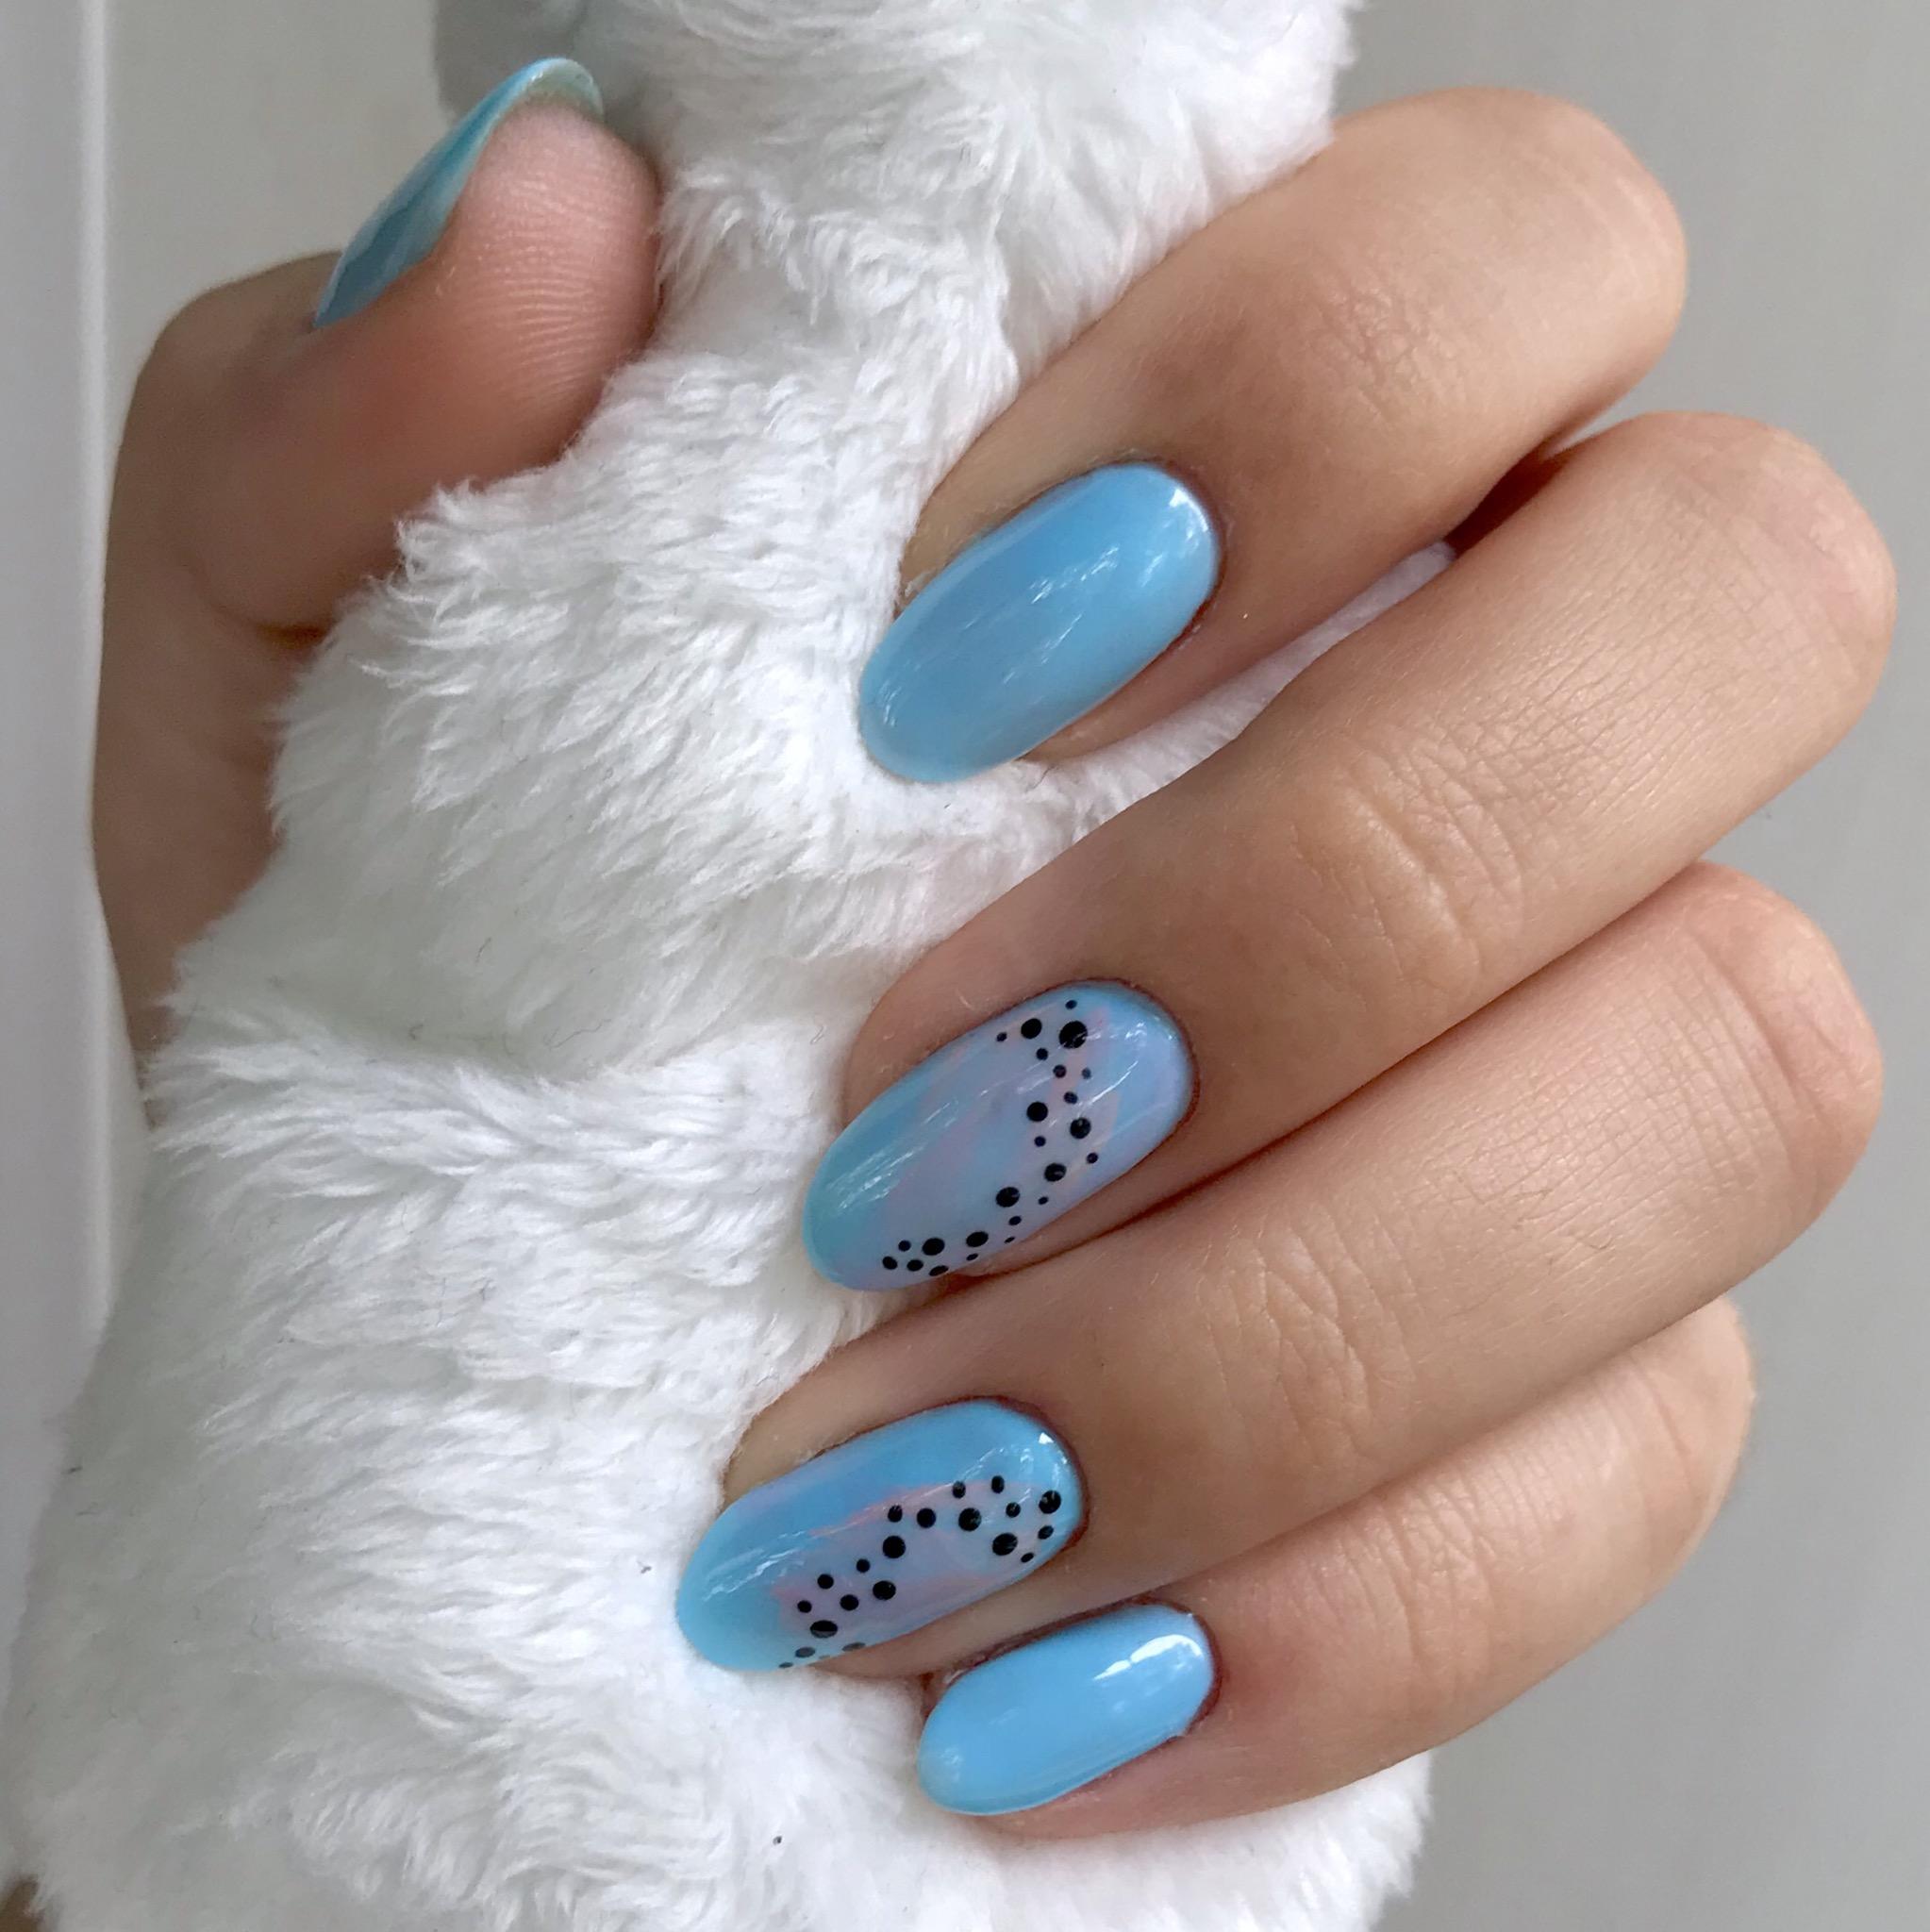 Маникюр с абстрактным рисунком в голубом цвете на короткие ногти.